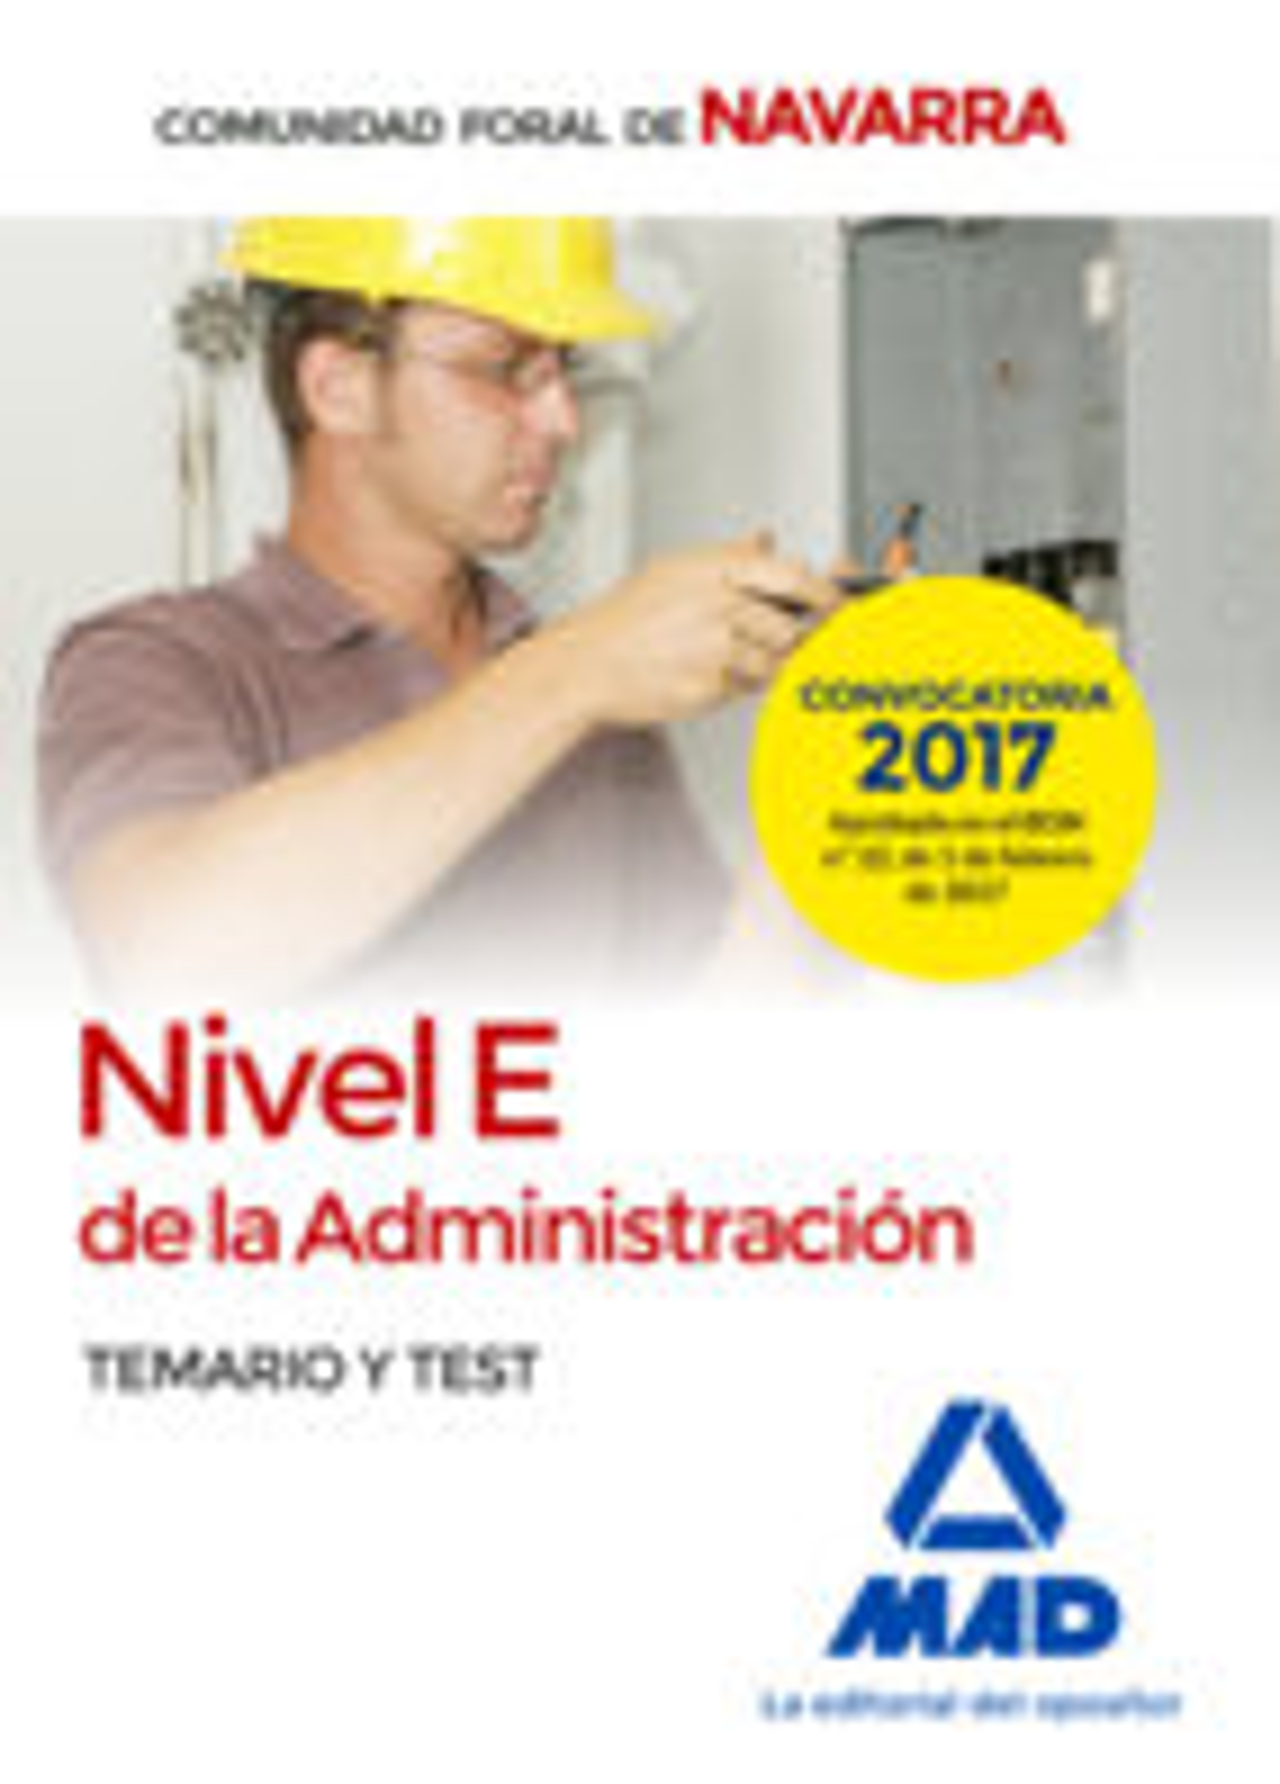 nivel e de la administracion de la comunidad foral de navarra: temario y test-9788414205341